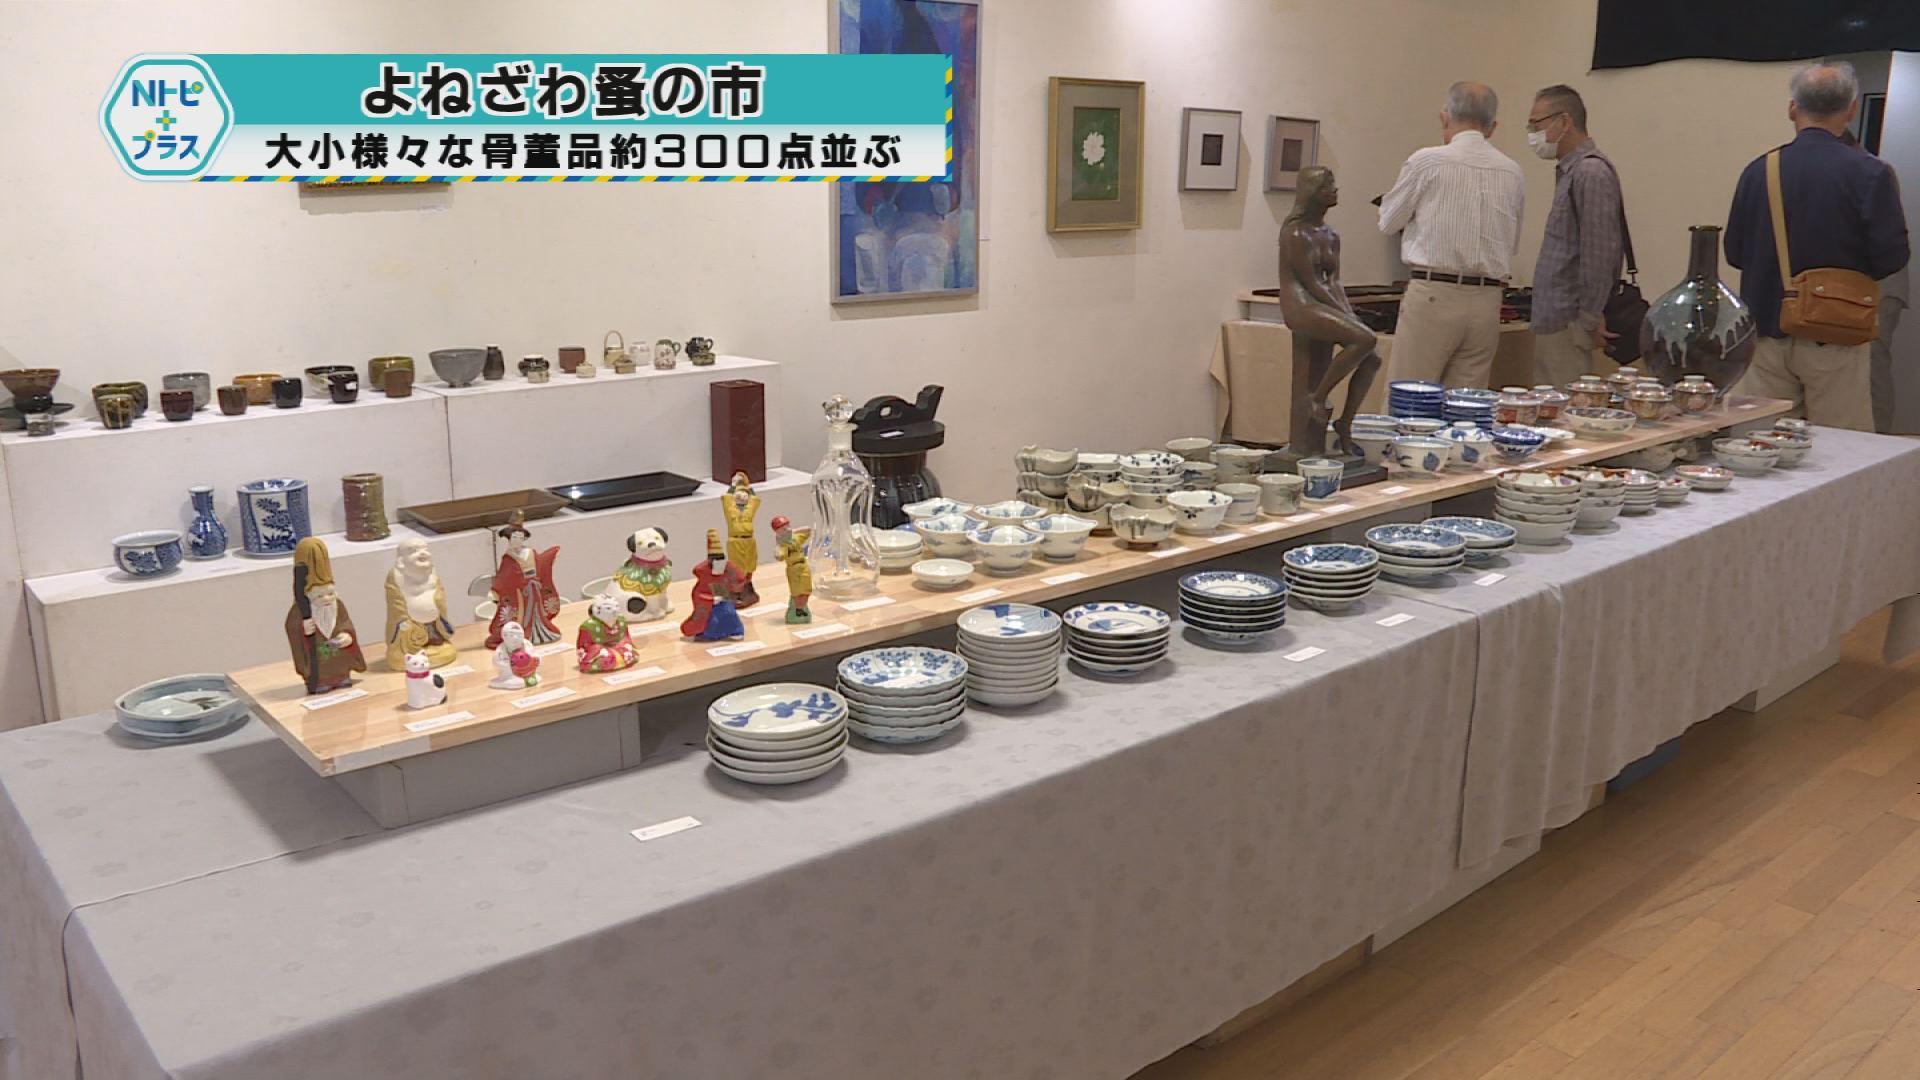 大小様々な骨董品約300点並ぶ